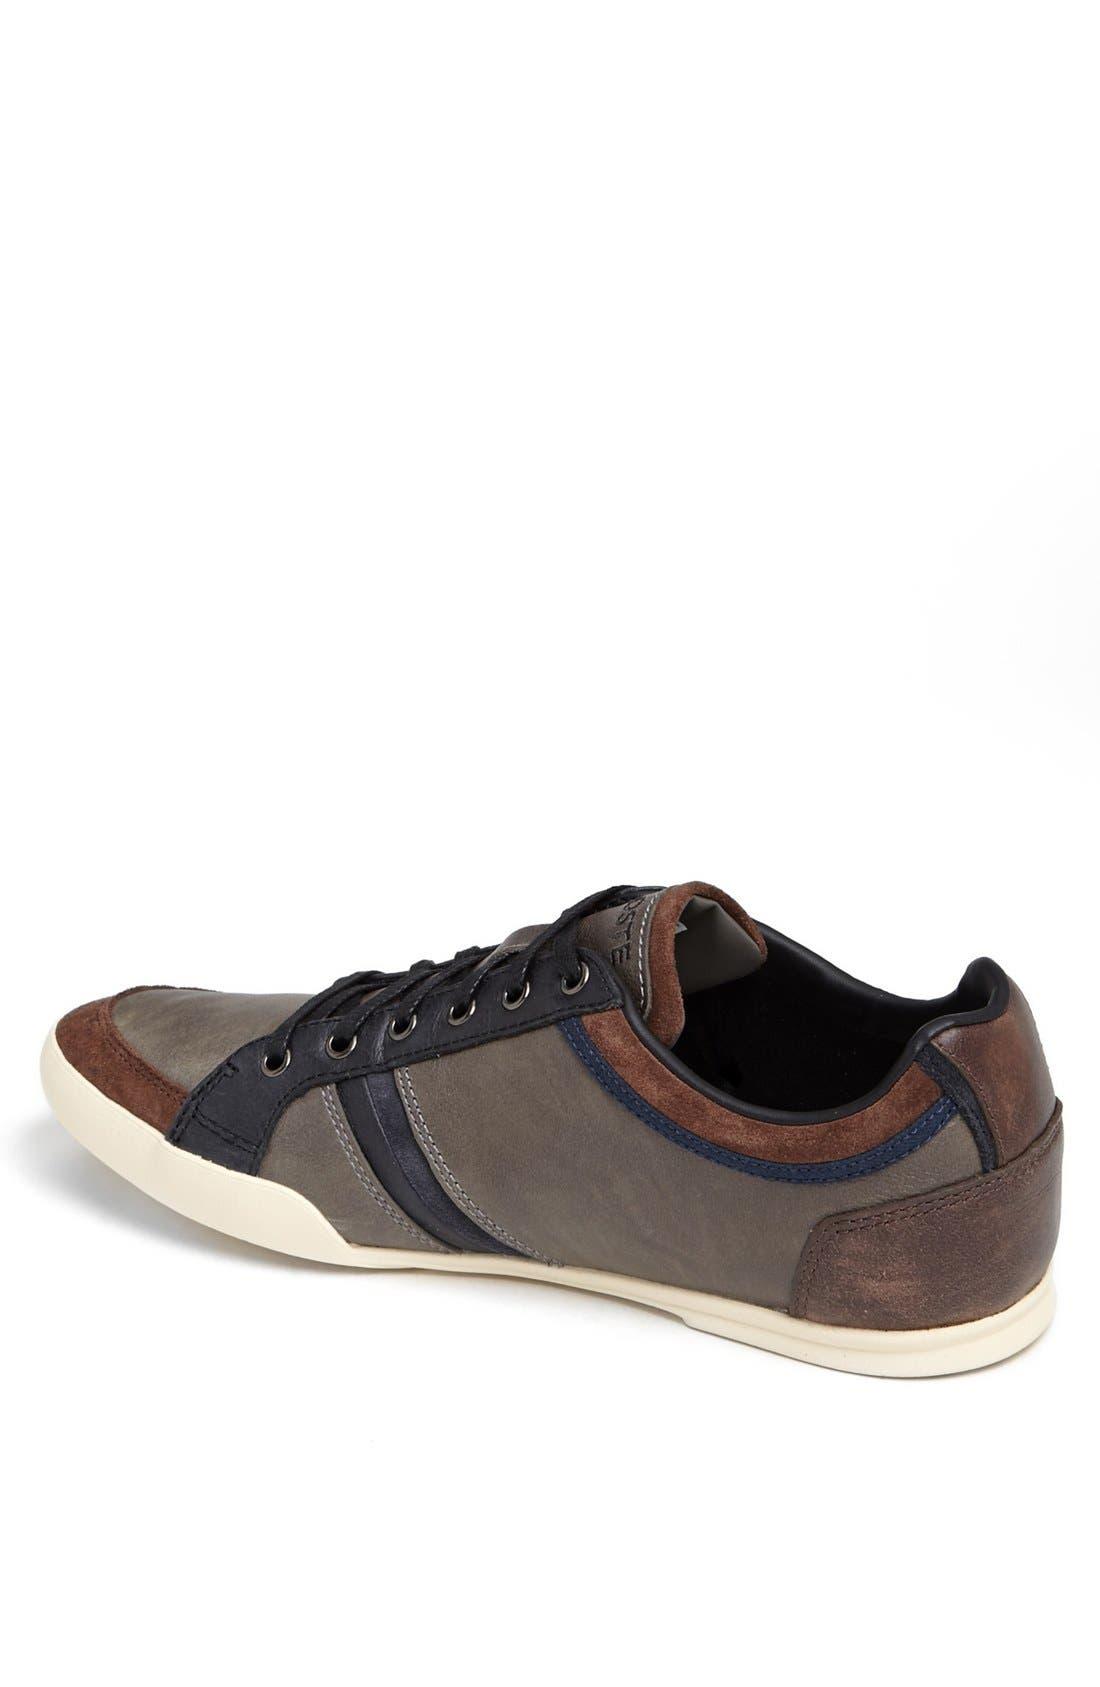 Alternate Image 2  - Lacoste 'Rayford 3' Sneaker (Men)